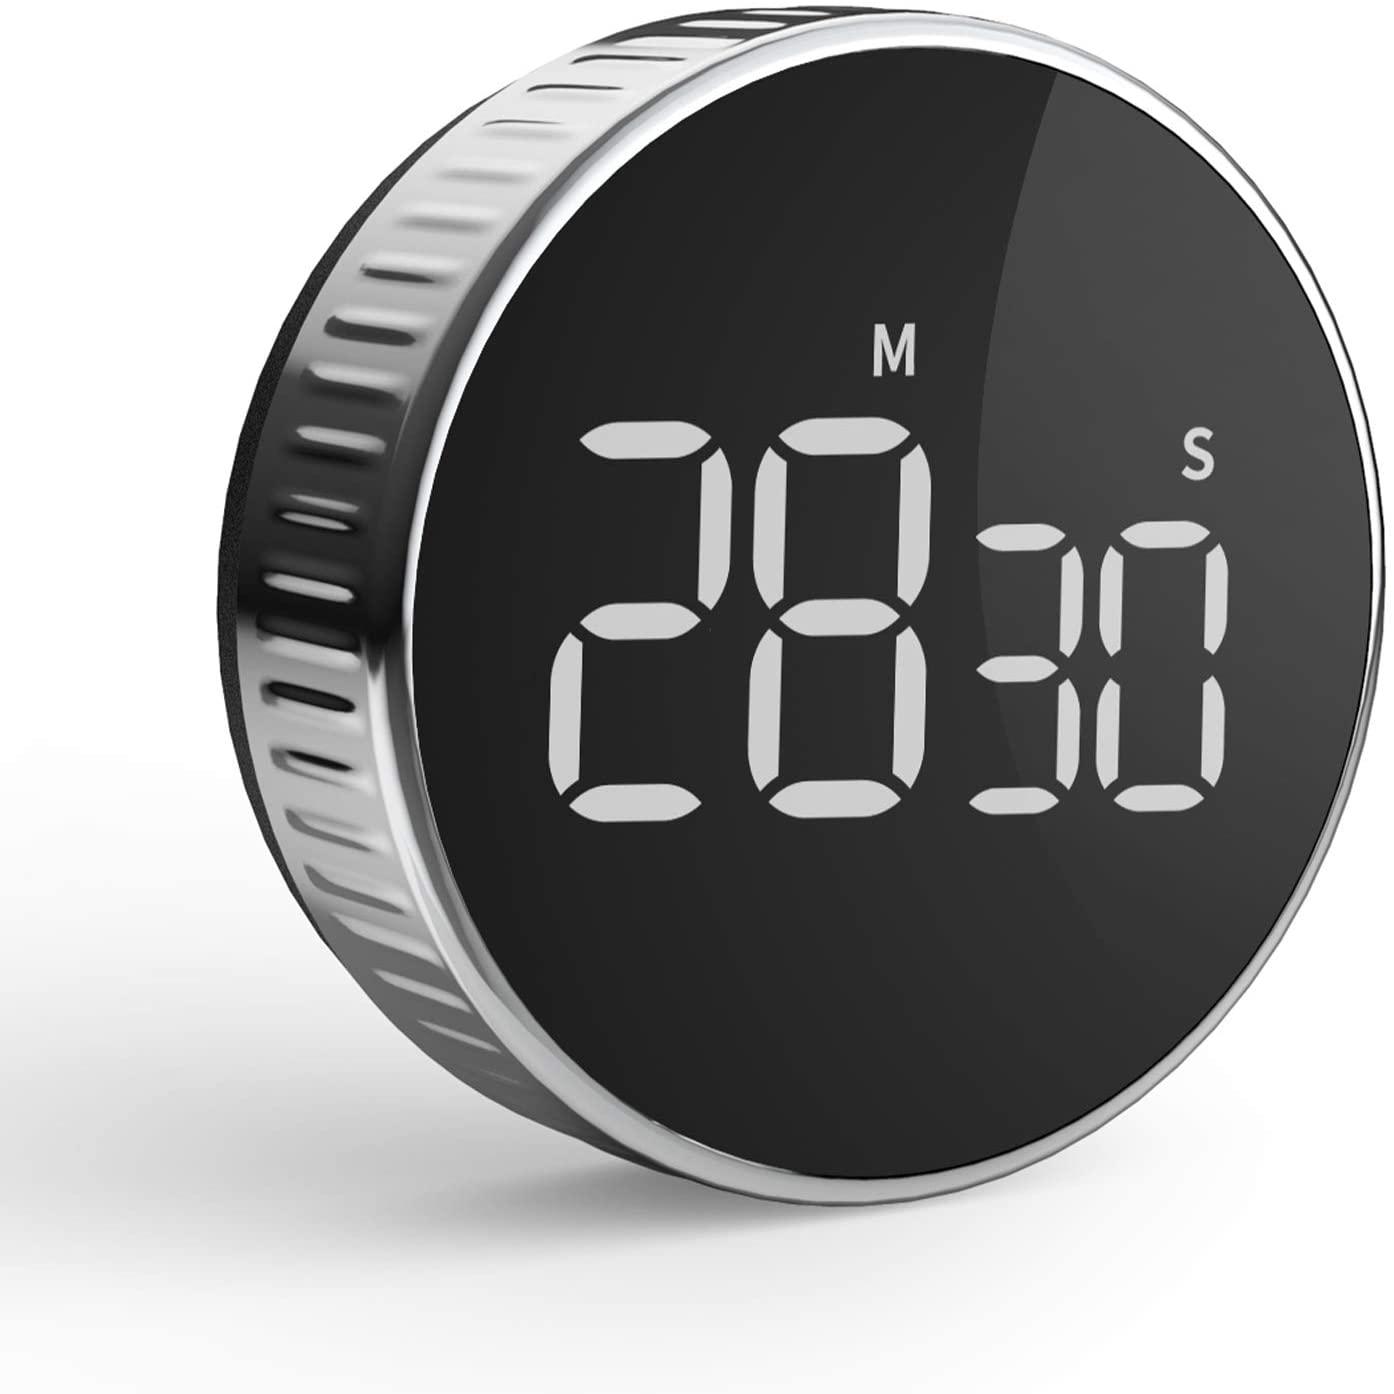 [Prime] Compte minutes / Minuteur de Cuisine LCD aimanté Hommini (Vendeur tiers)